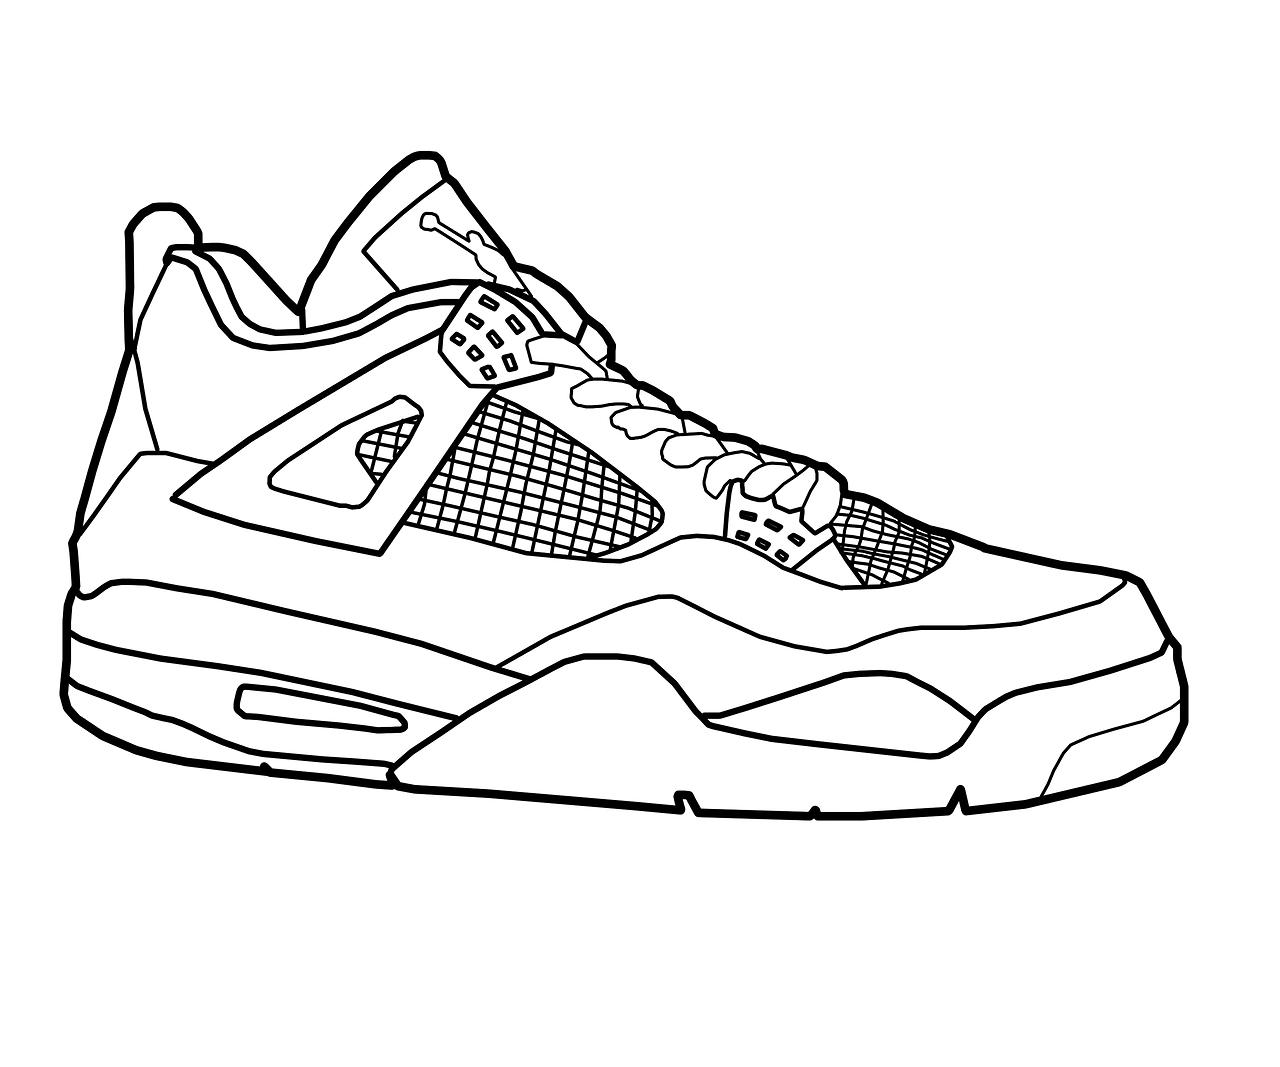 coloring pages shoes printable jordans shoes coloring pages printable 2 sketsa pages printable shoes coloring